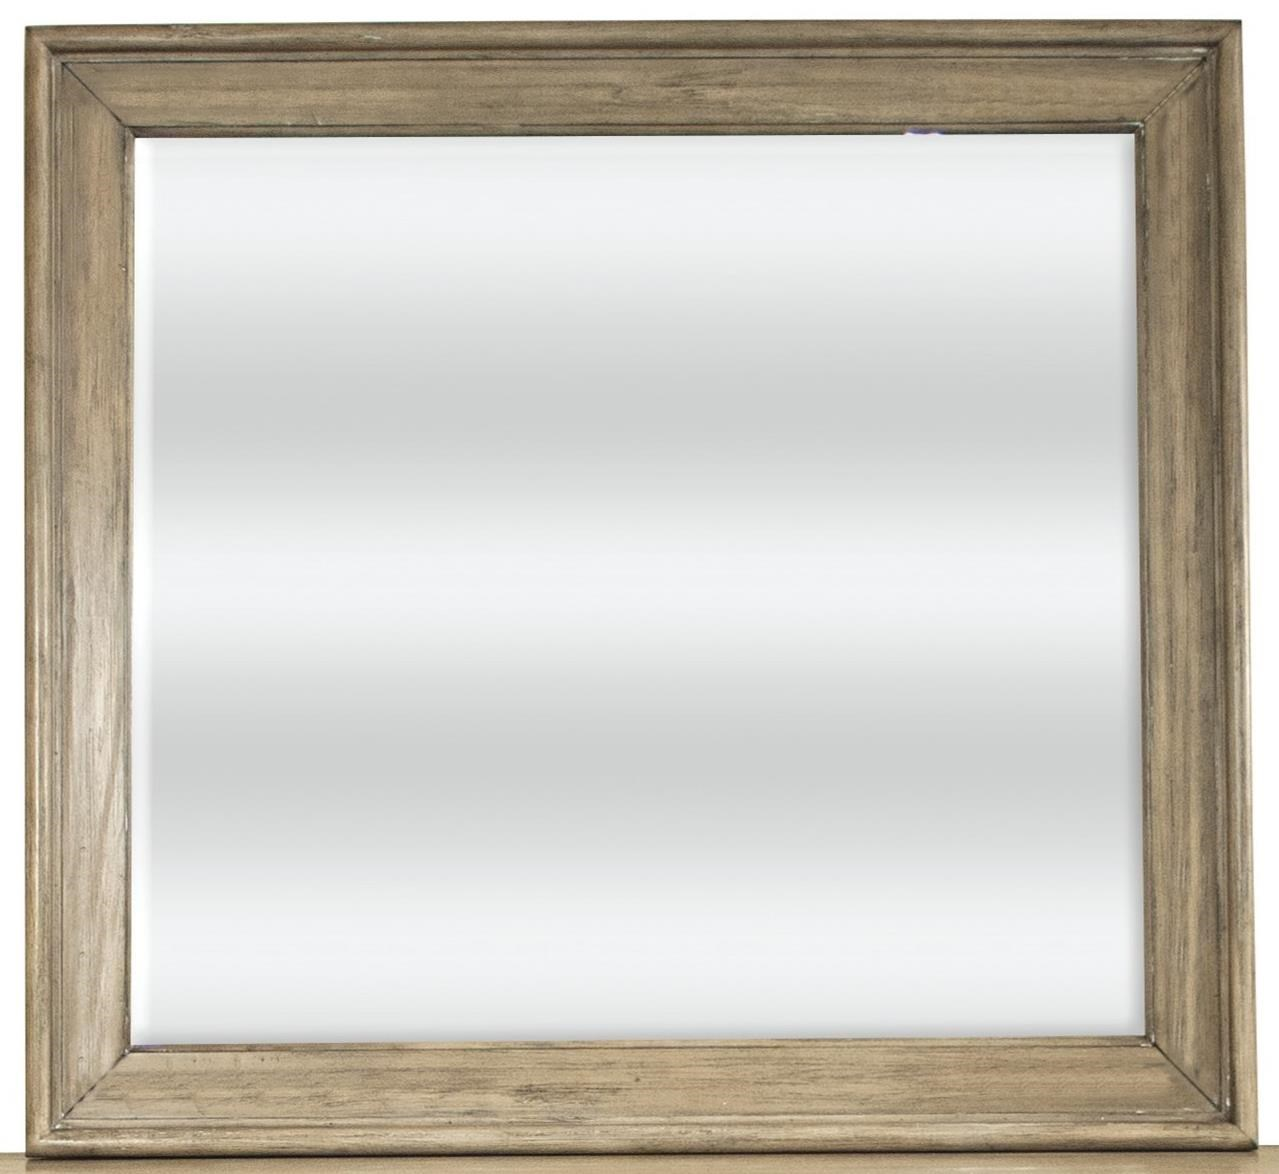 Riverside Furniture Corinne Landscape Mirror - Item Number: 21561